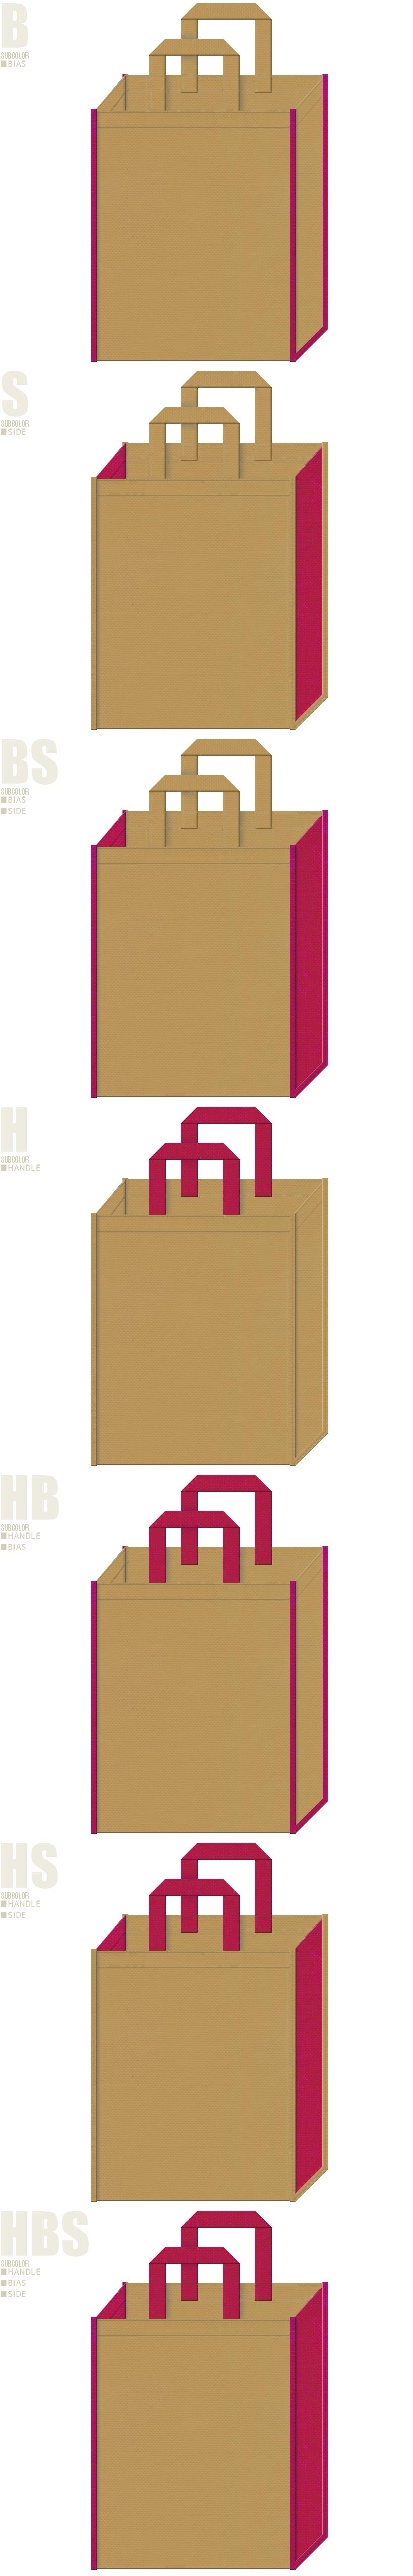 南国・トロピカル・リゾートのイメージにお奨めの不織布バッグデザイン:金黄土色と濃いピンク色の不織布バッグ配色7パターン。